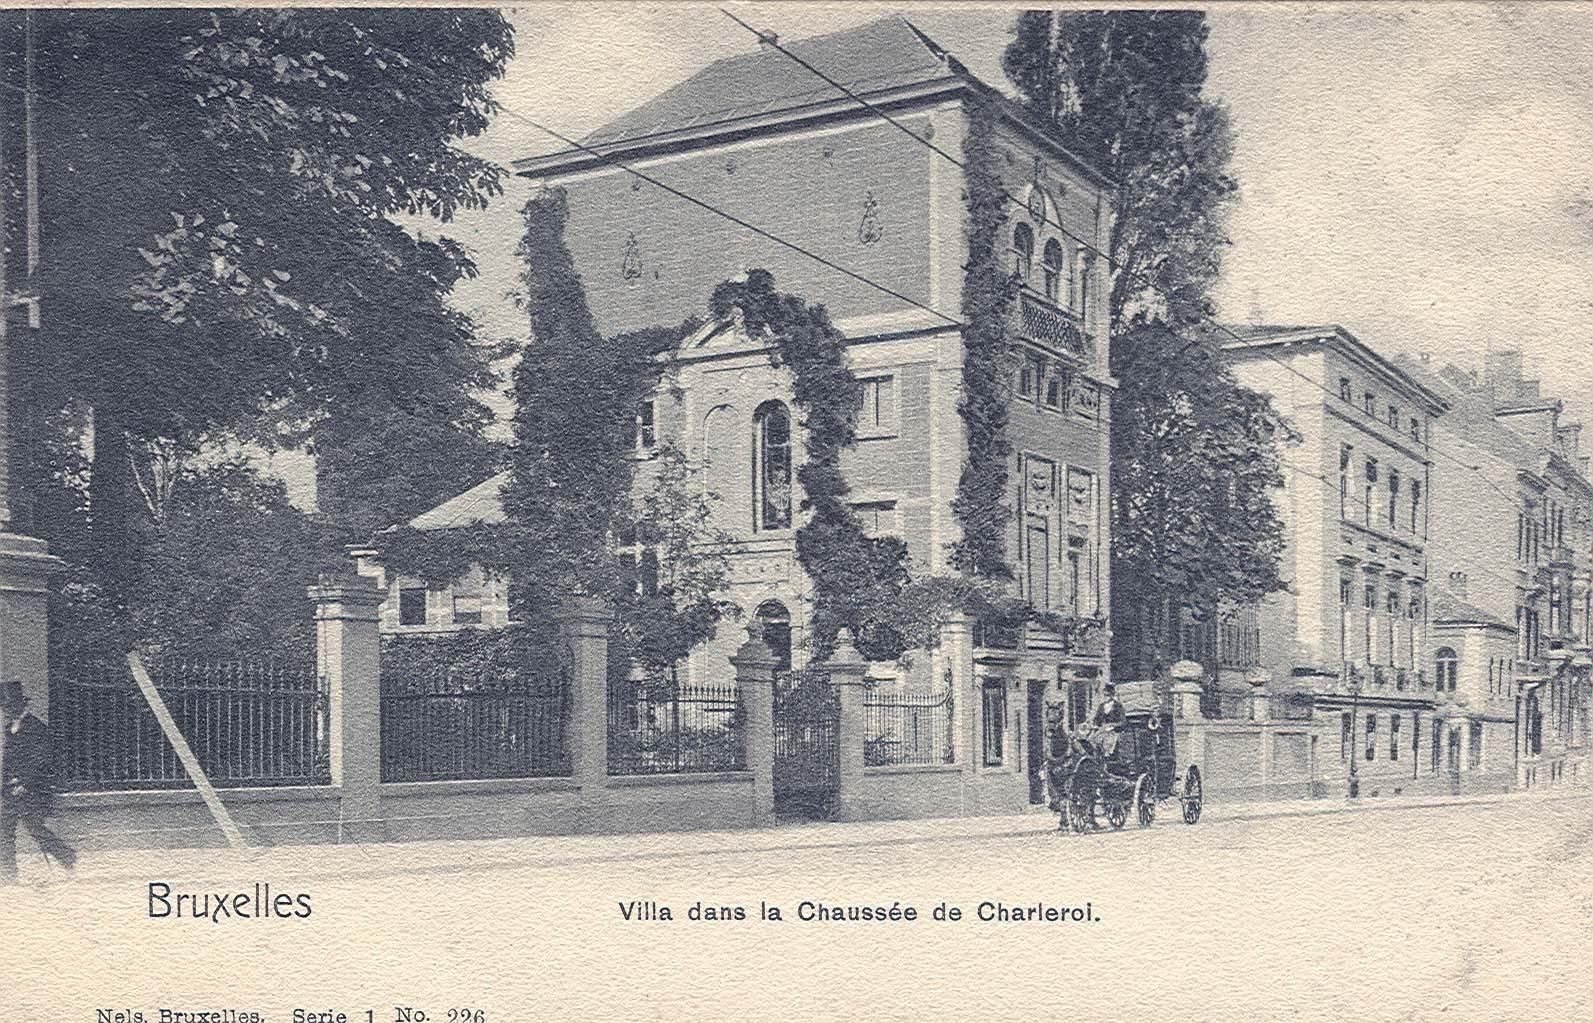 Charleroisesteenweg, vml. eigendom van schilder Jean Robie tussen 1876 en 1904 (Verzameling van Dexia Bank, s.d.).